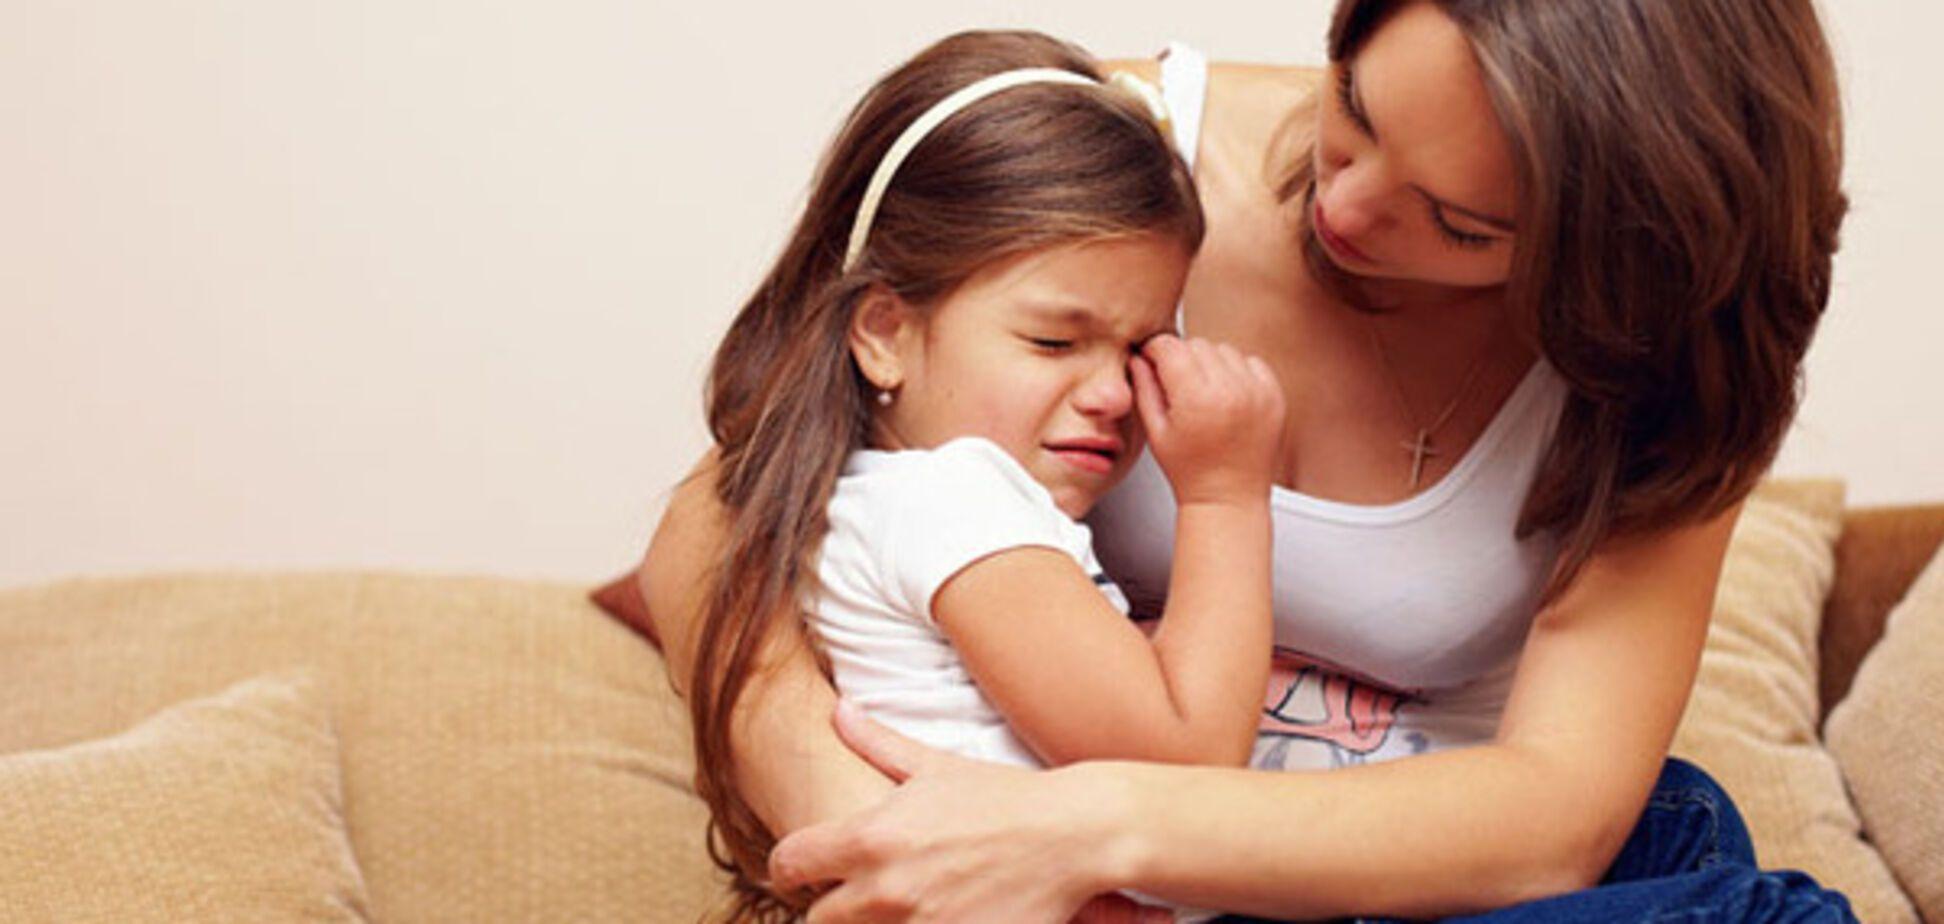 Діти повинні навчитися відчувати розчарування: педагог про правила виховання